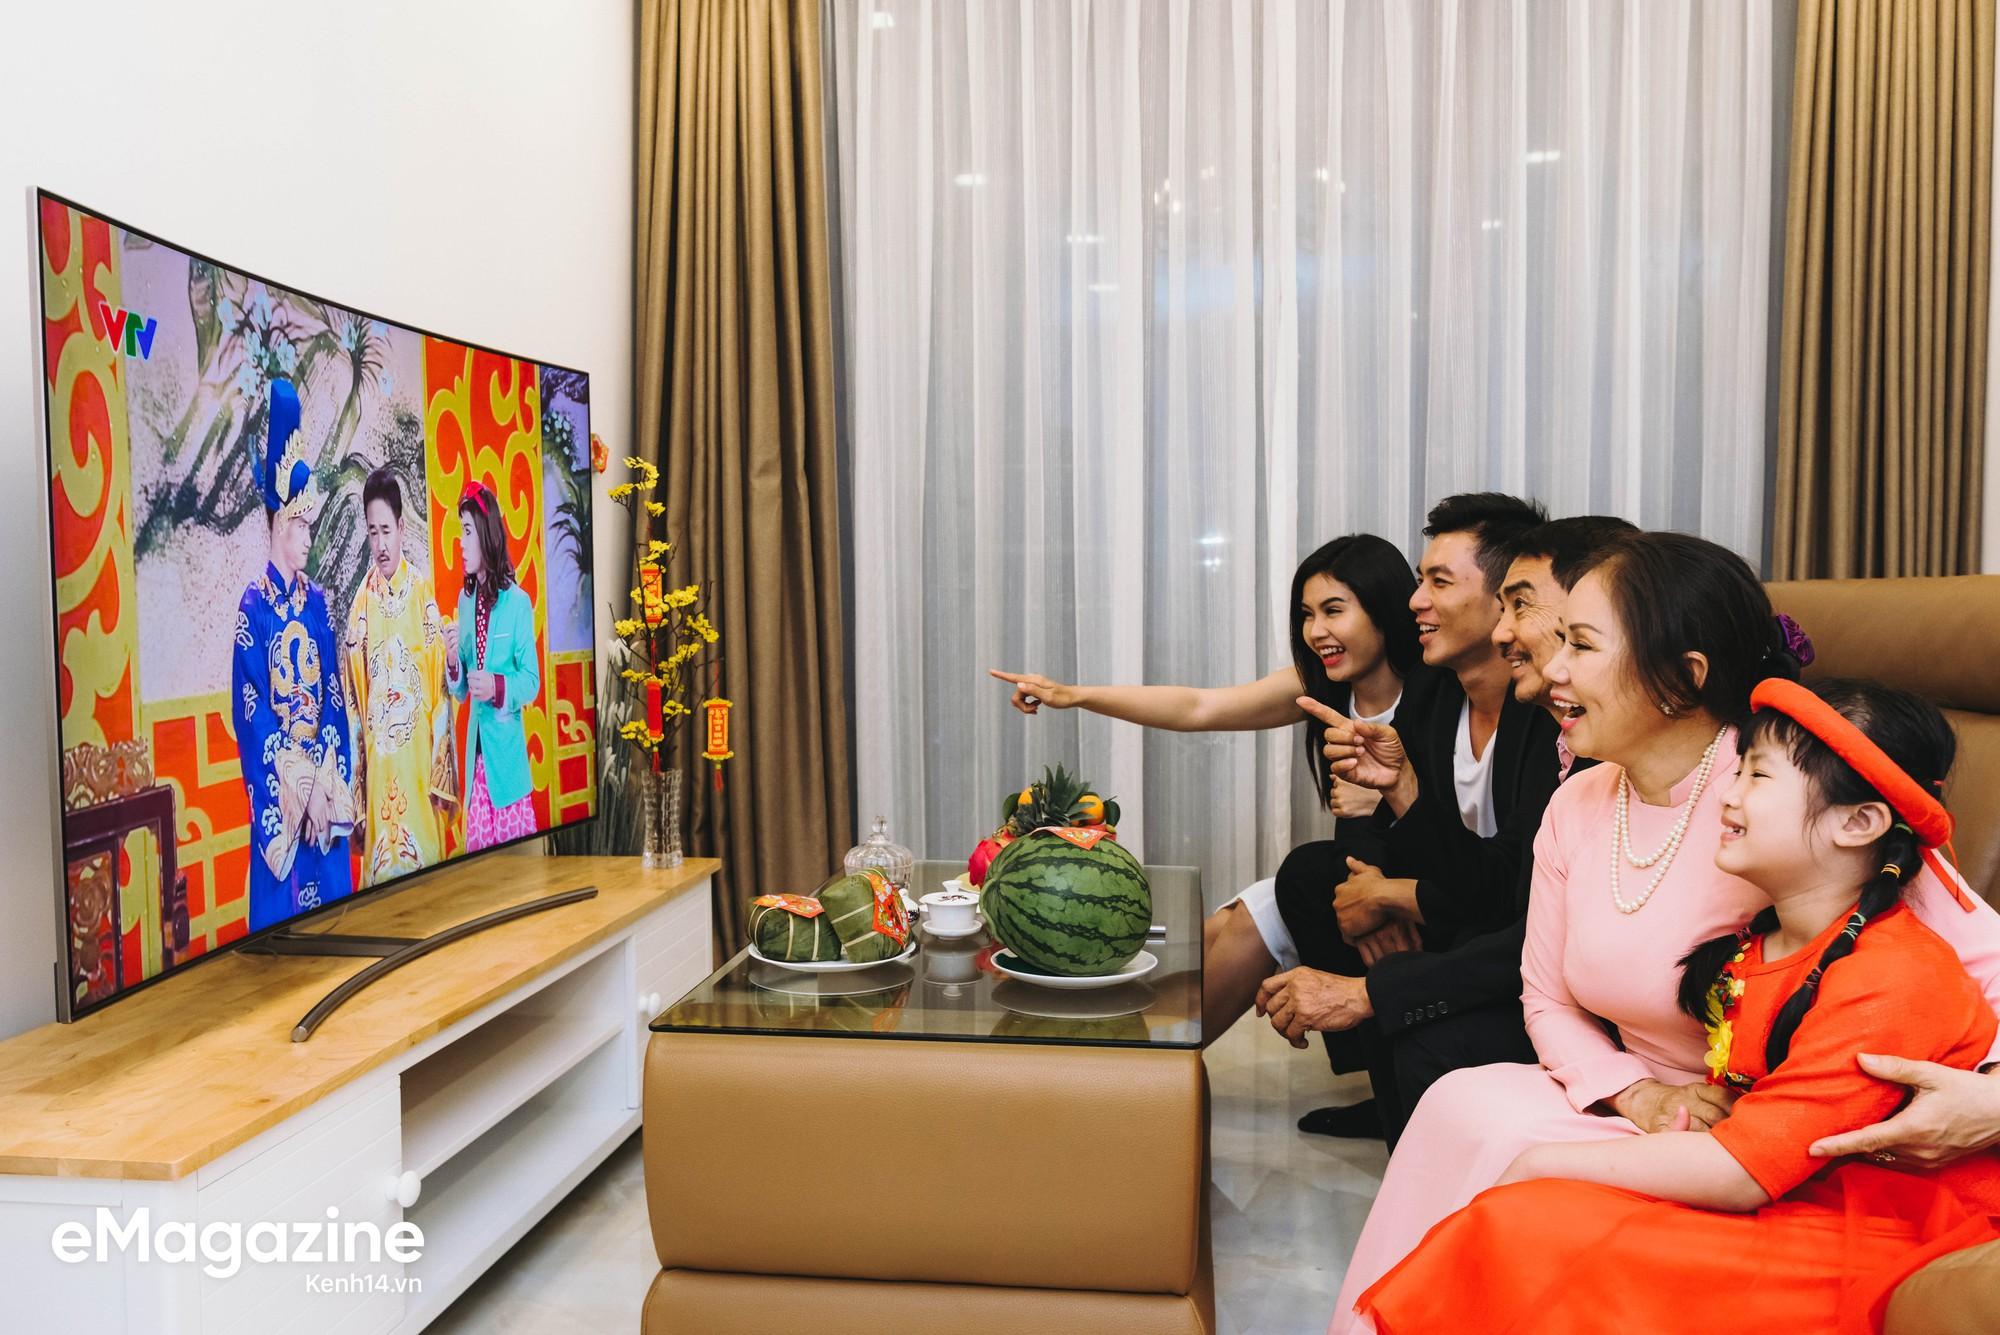 Xem gì trong 9 ngày lễ Tết này, kho ứng dụng trên TV Samsung sẽ giải quyết giúp bạn - Ảnh 6.